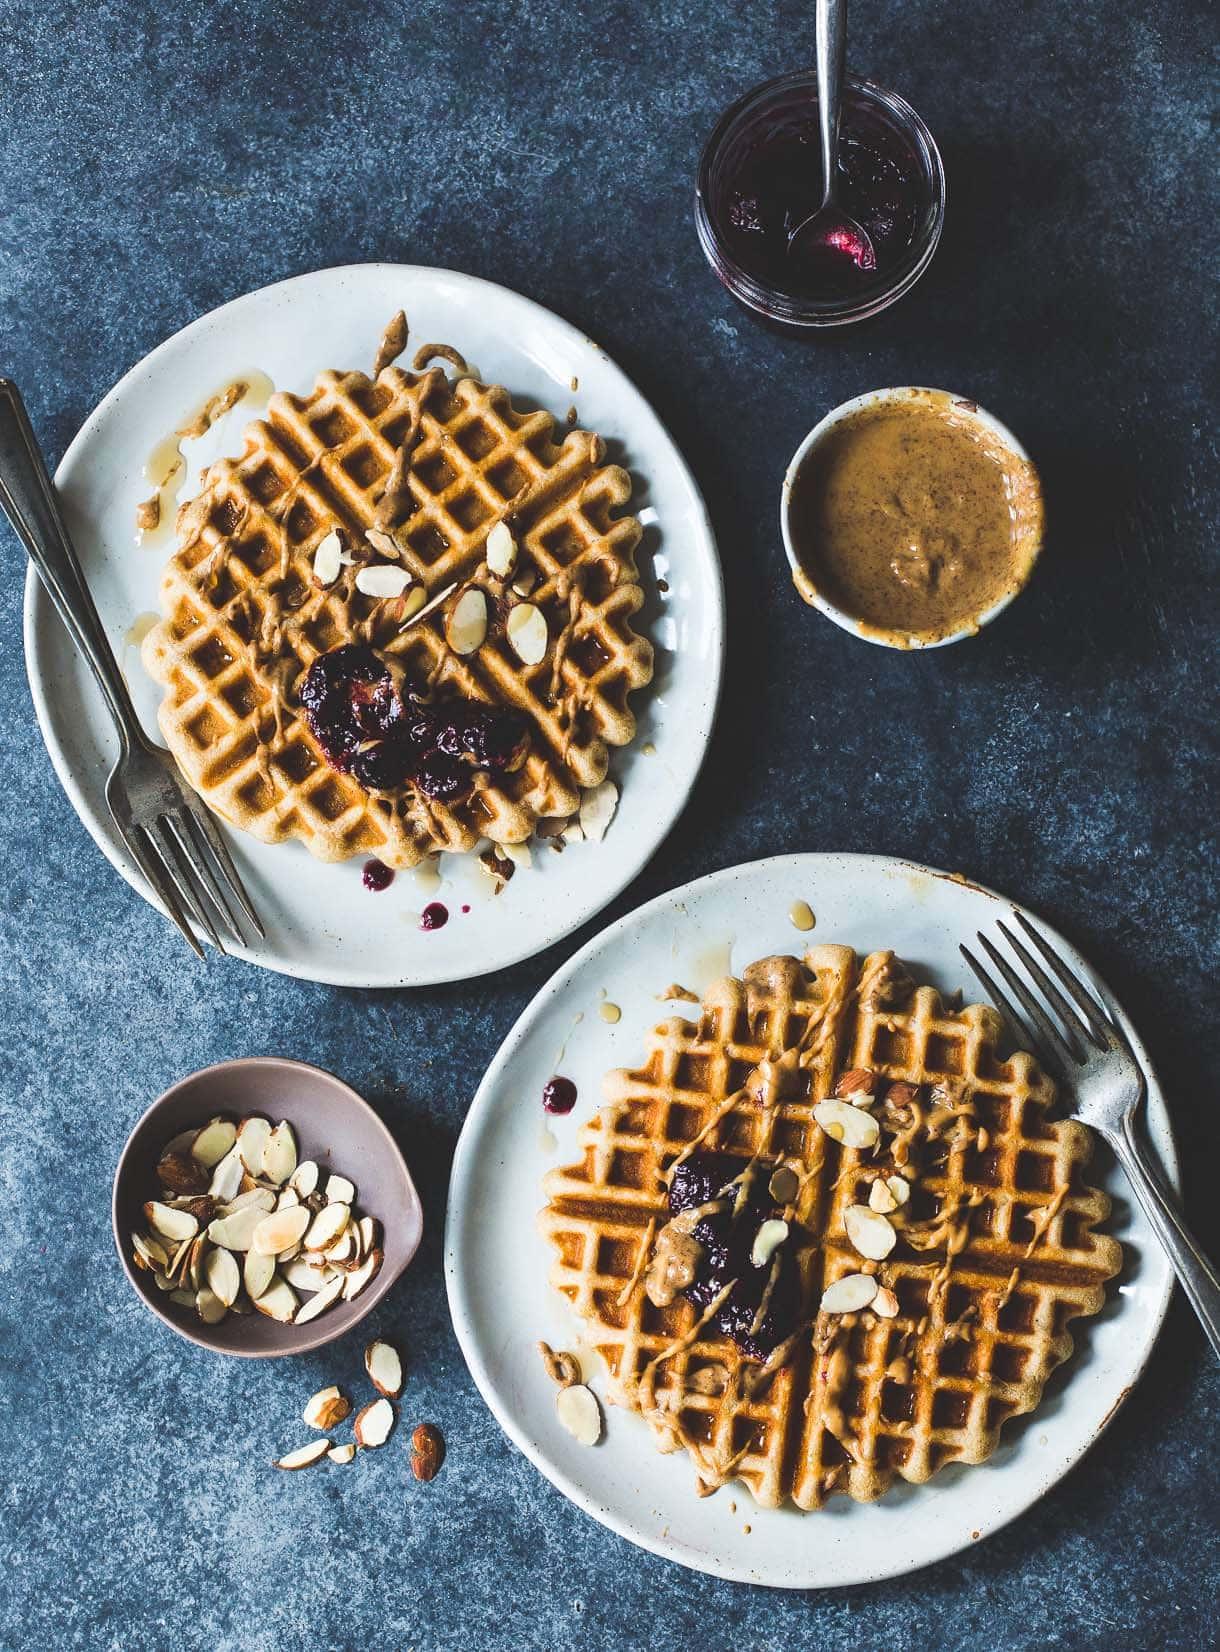 Golden Gluten-Free Waffles with Almond Butter & Jam: made with kefir